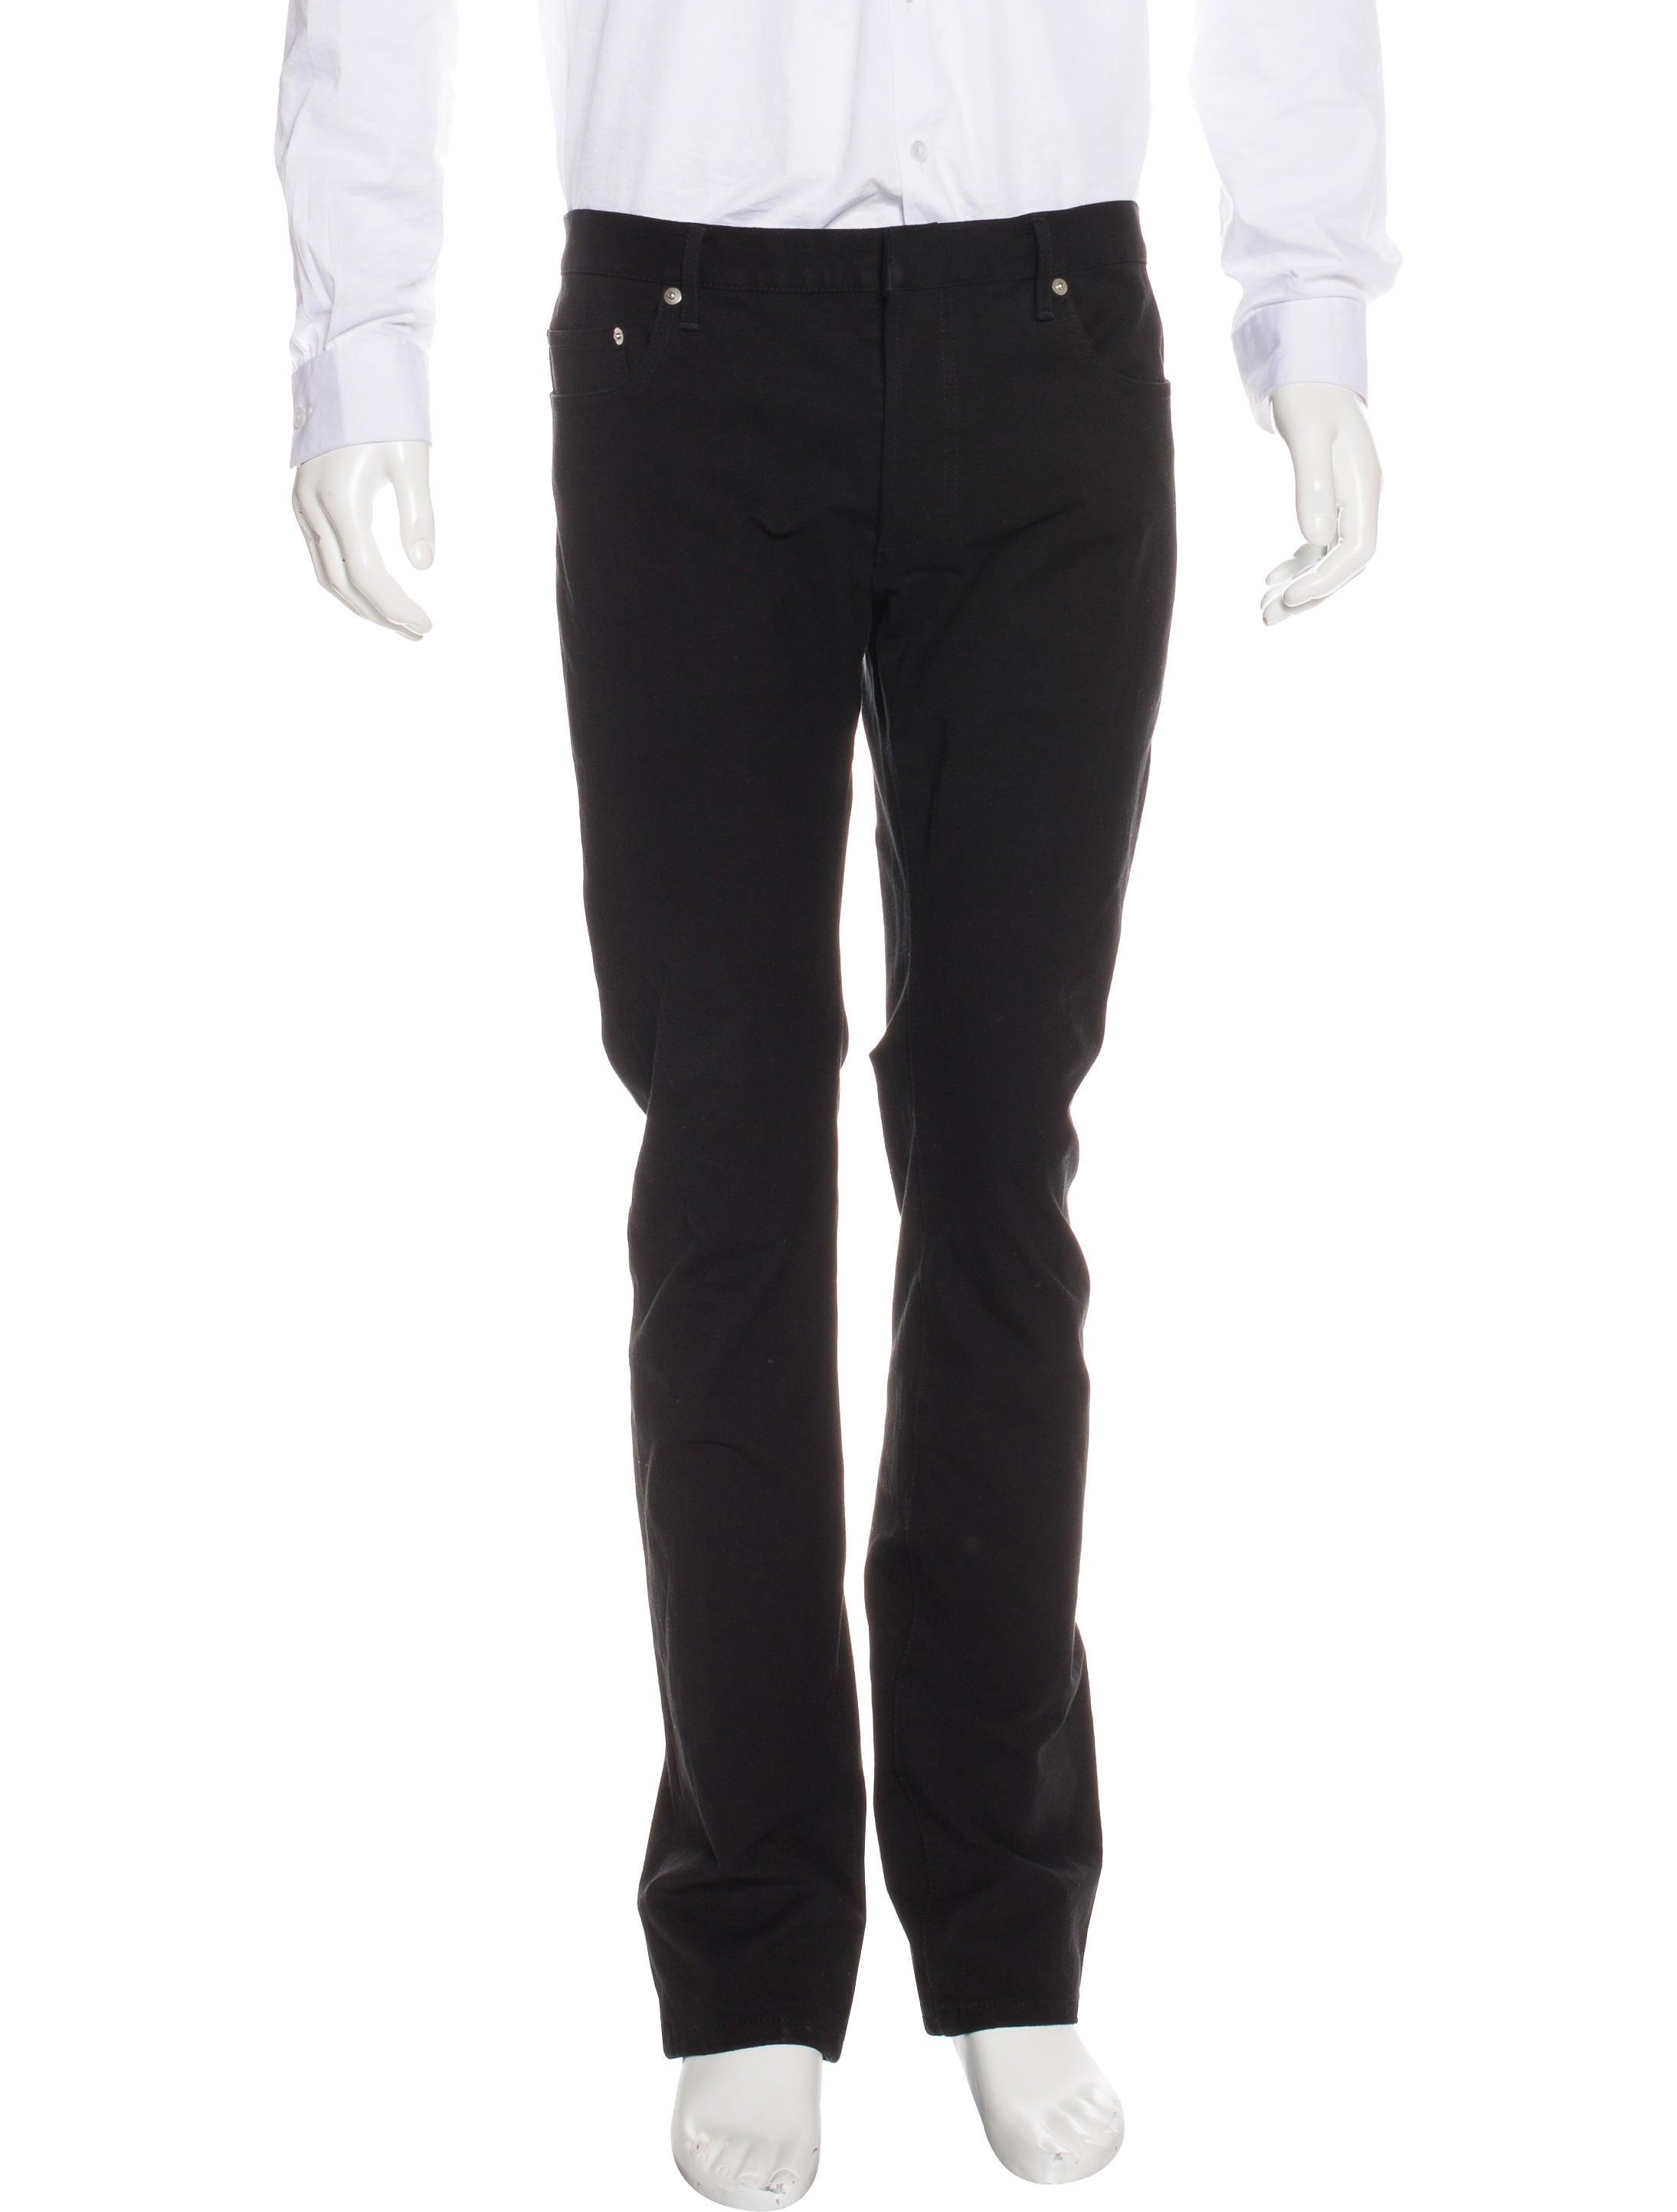 dior homme five pocket skinny jeans clothing hmm23005 the realreal. Black Bedroom Furniture Sets. Home Design Ideas